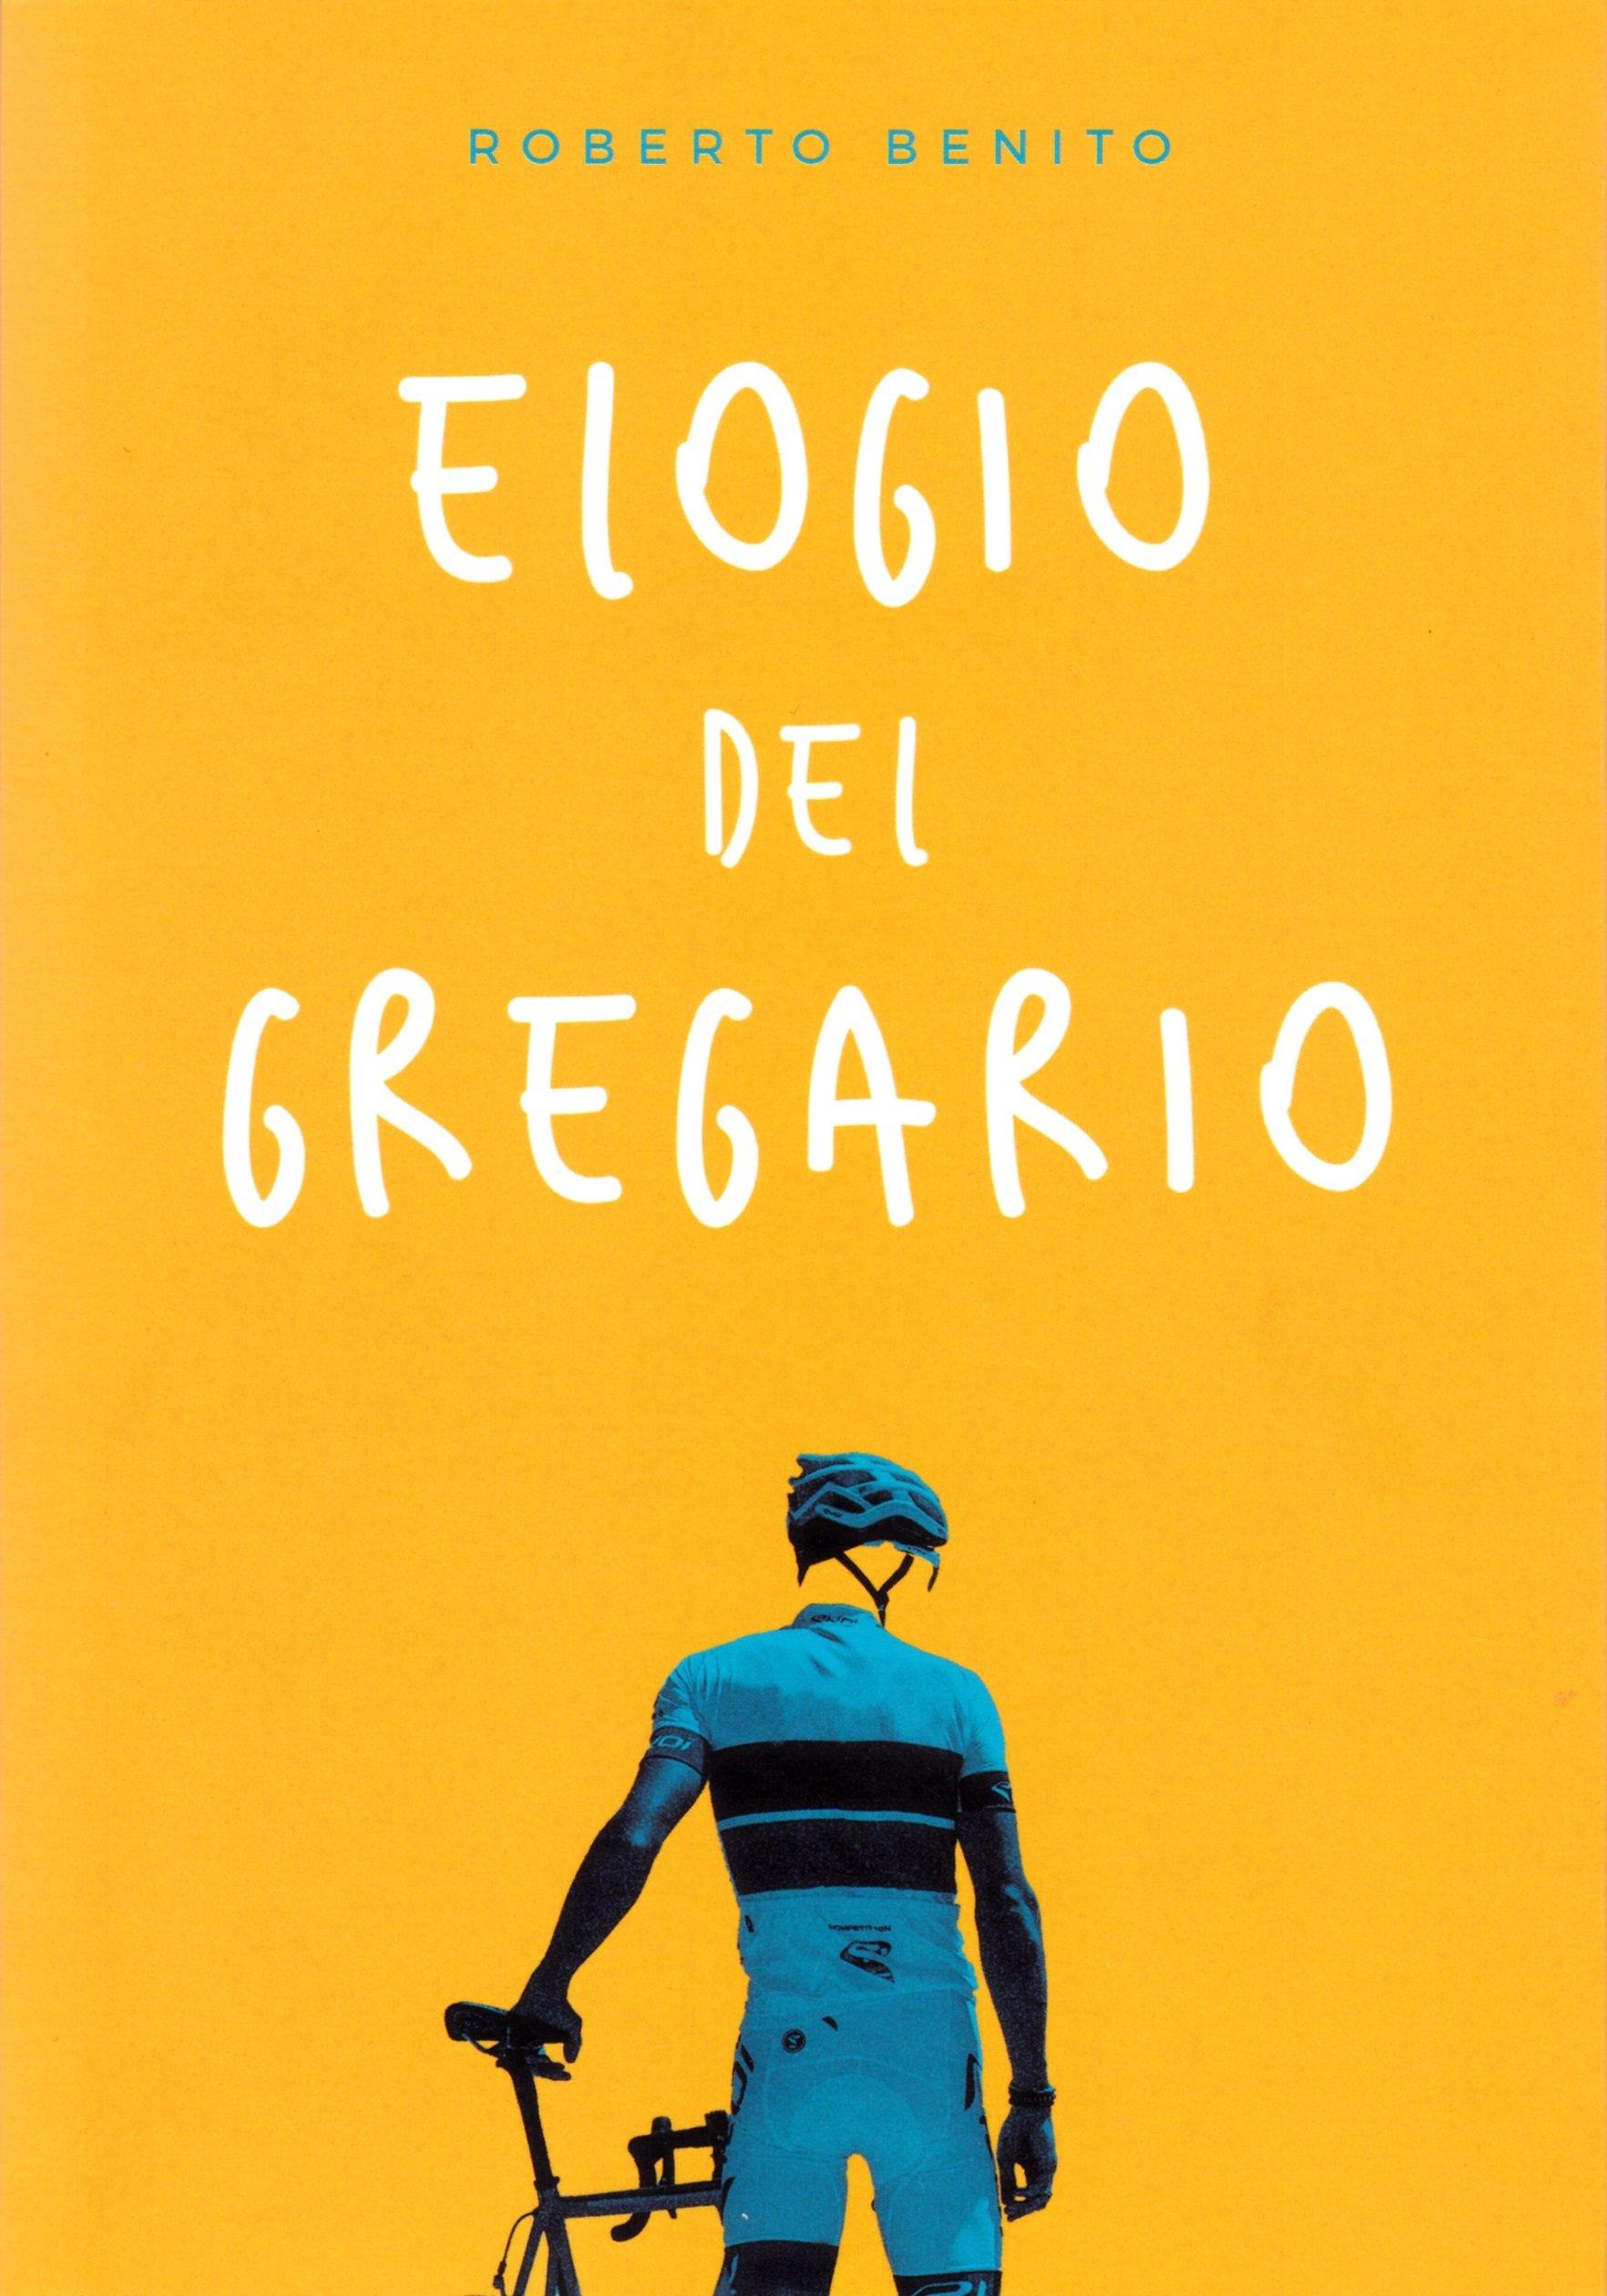 Elogio del gregario (Ciclismo) Tapa blanda – 16 abr 2018 Roberto Benito González Ediciones JC 8415448325 Cycling